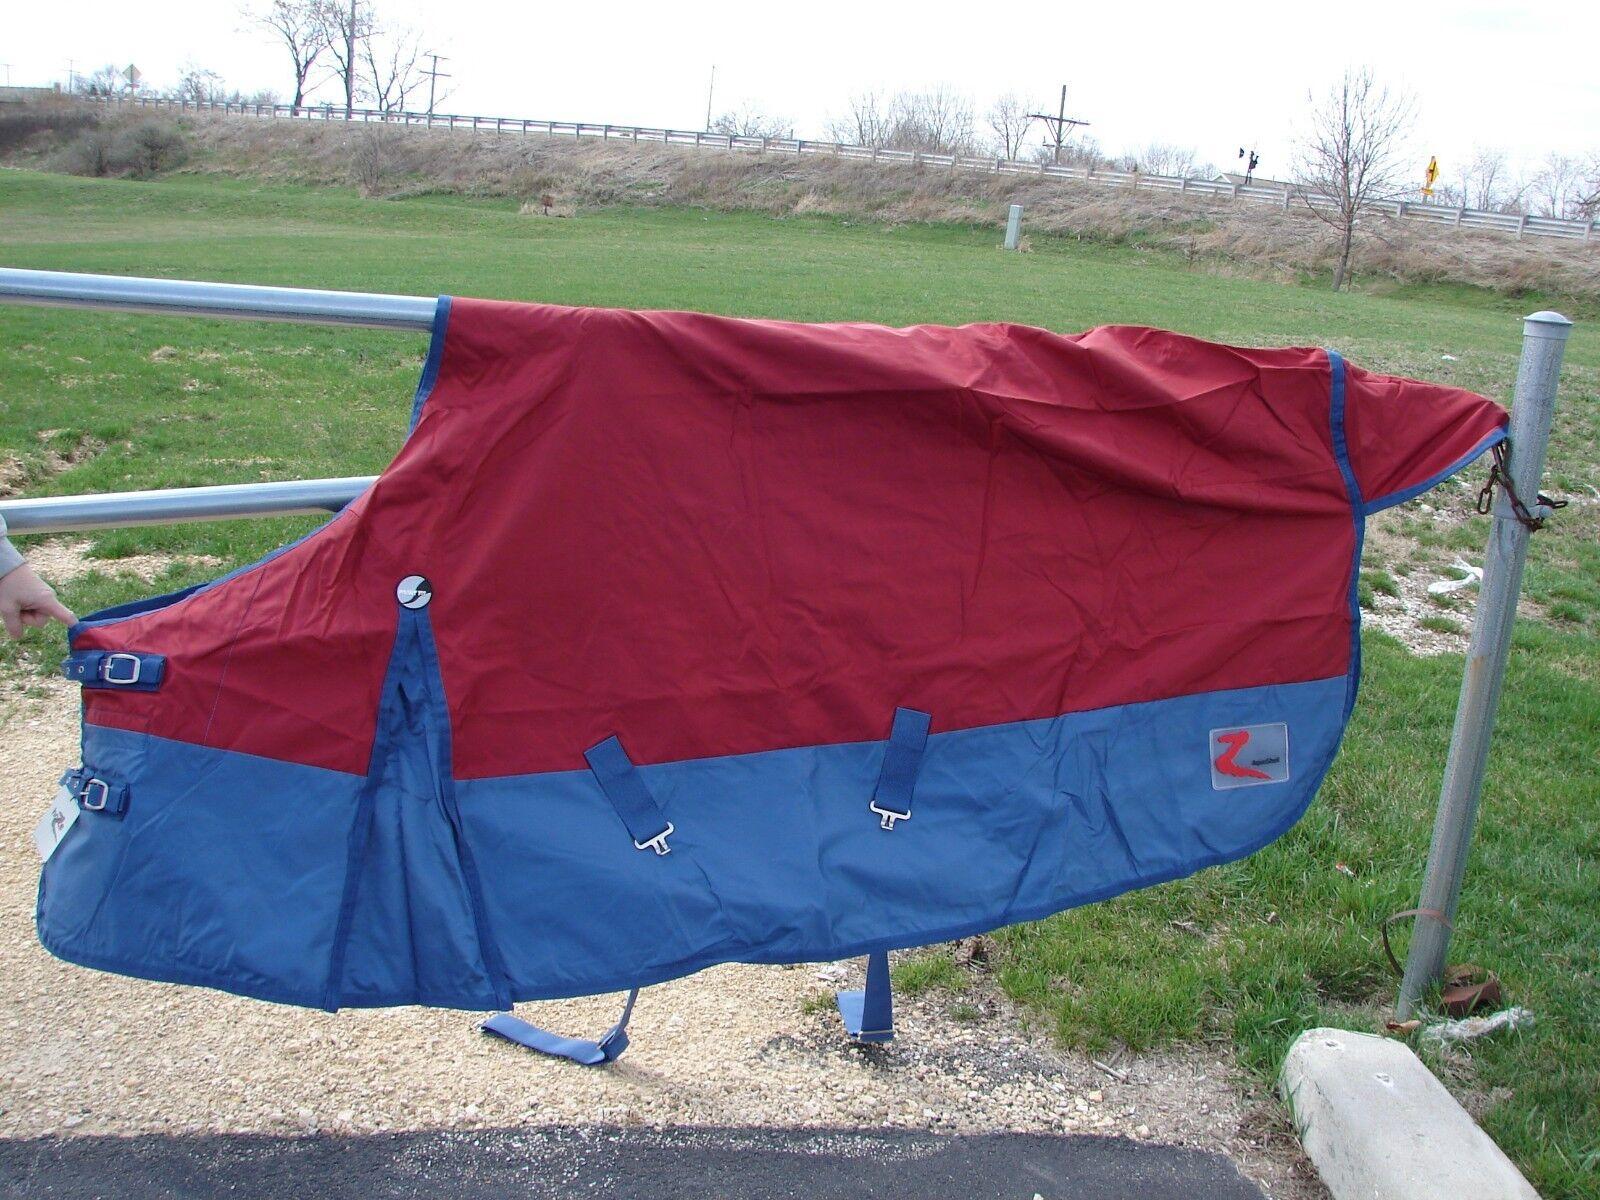 Size 69 Horze 420 Denier Waterproof Rain Sheet Burgundy Red & bluee